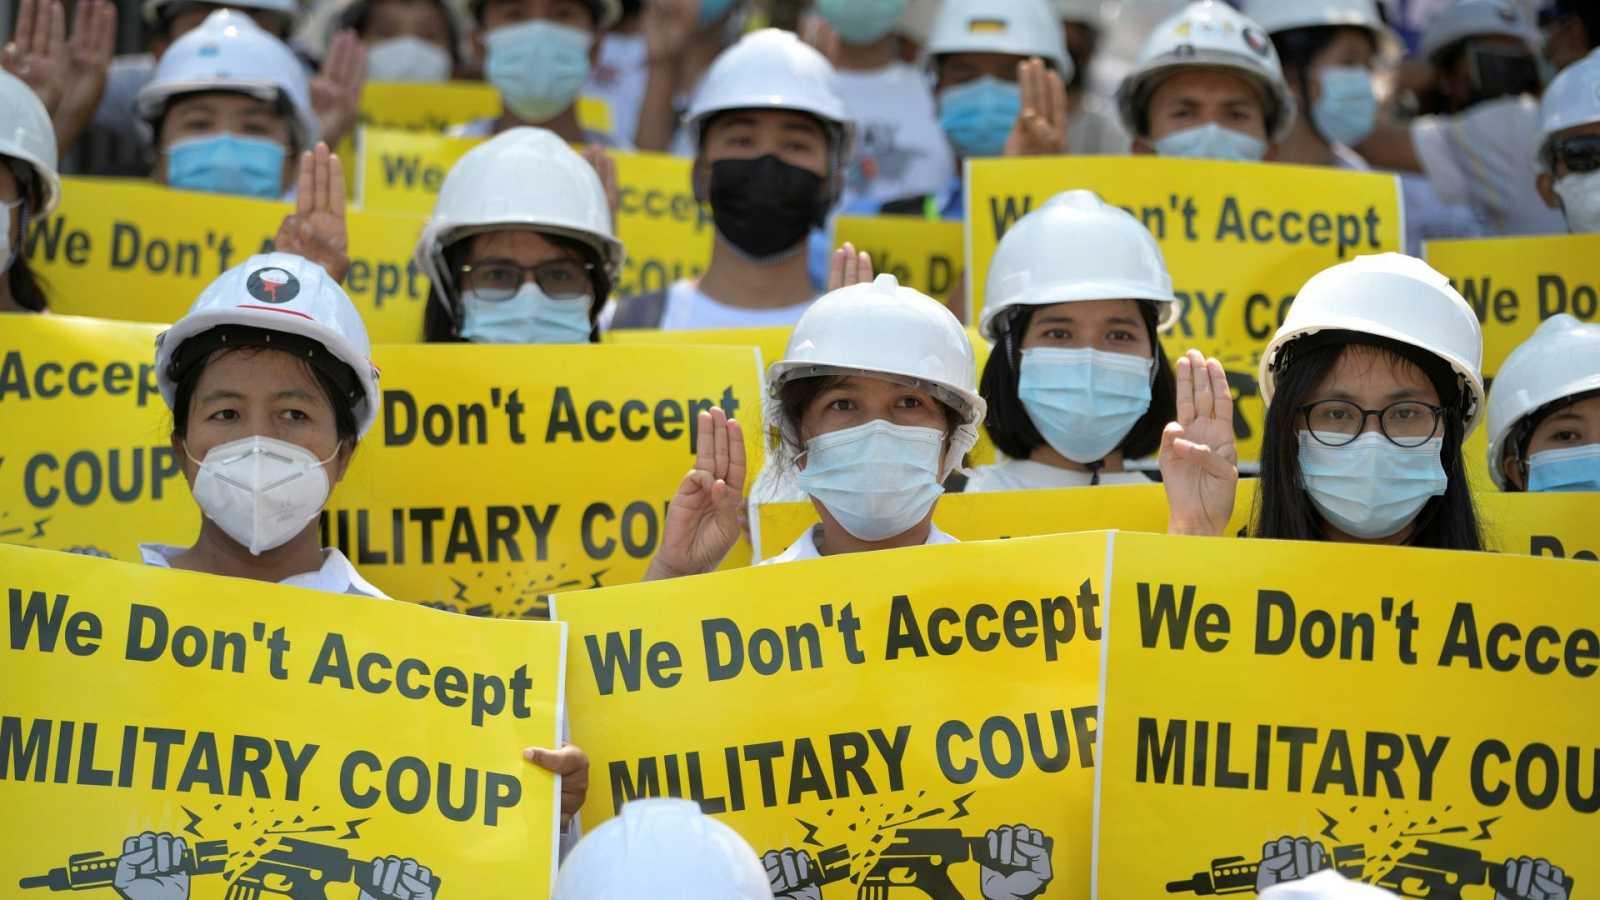 Varios manifestantes sujetan pancartas en una protesta contra el golpe de Estado en Birmania